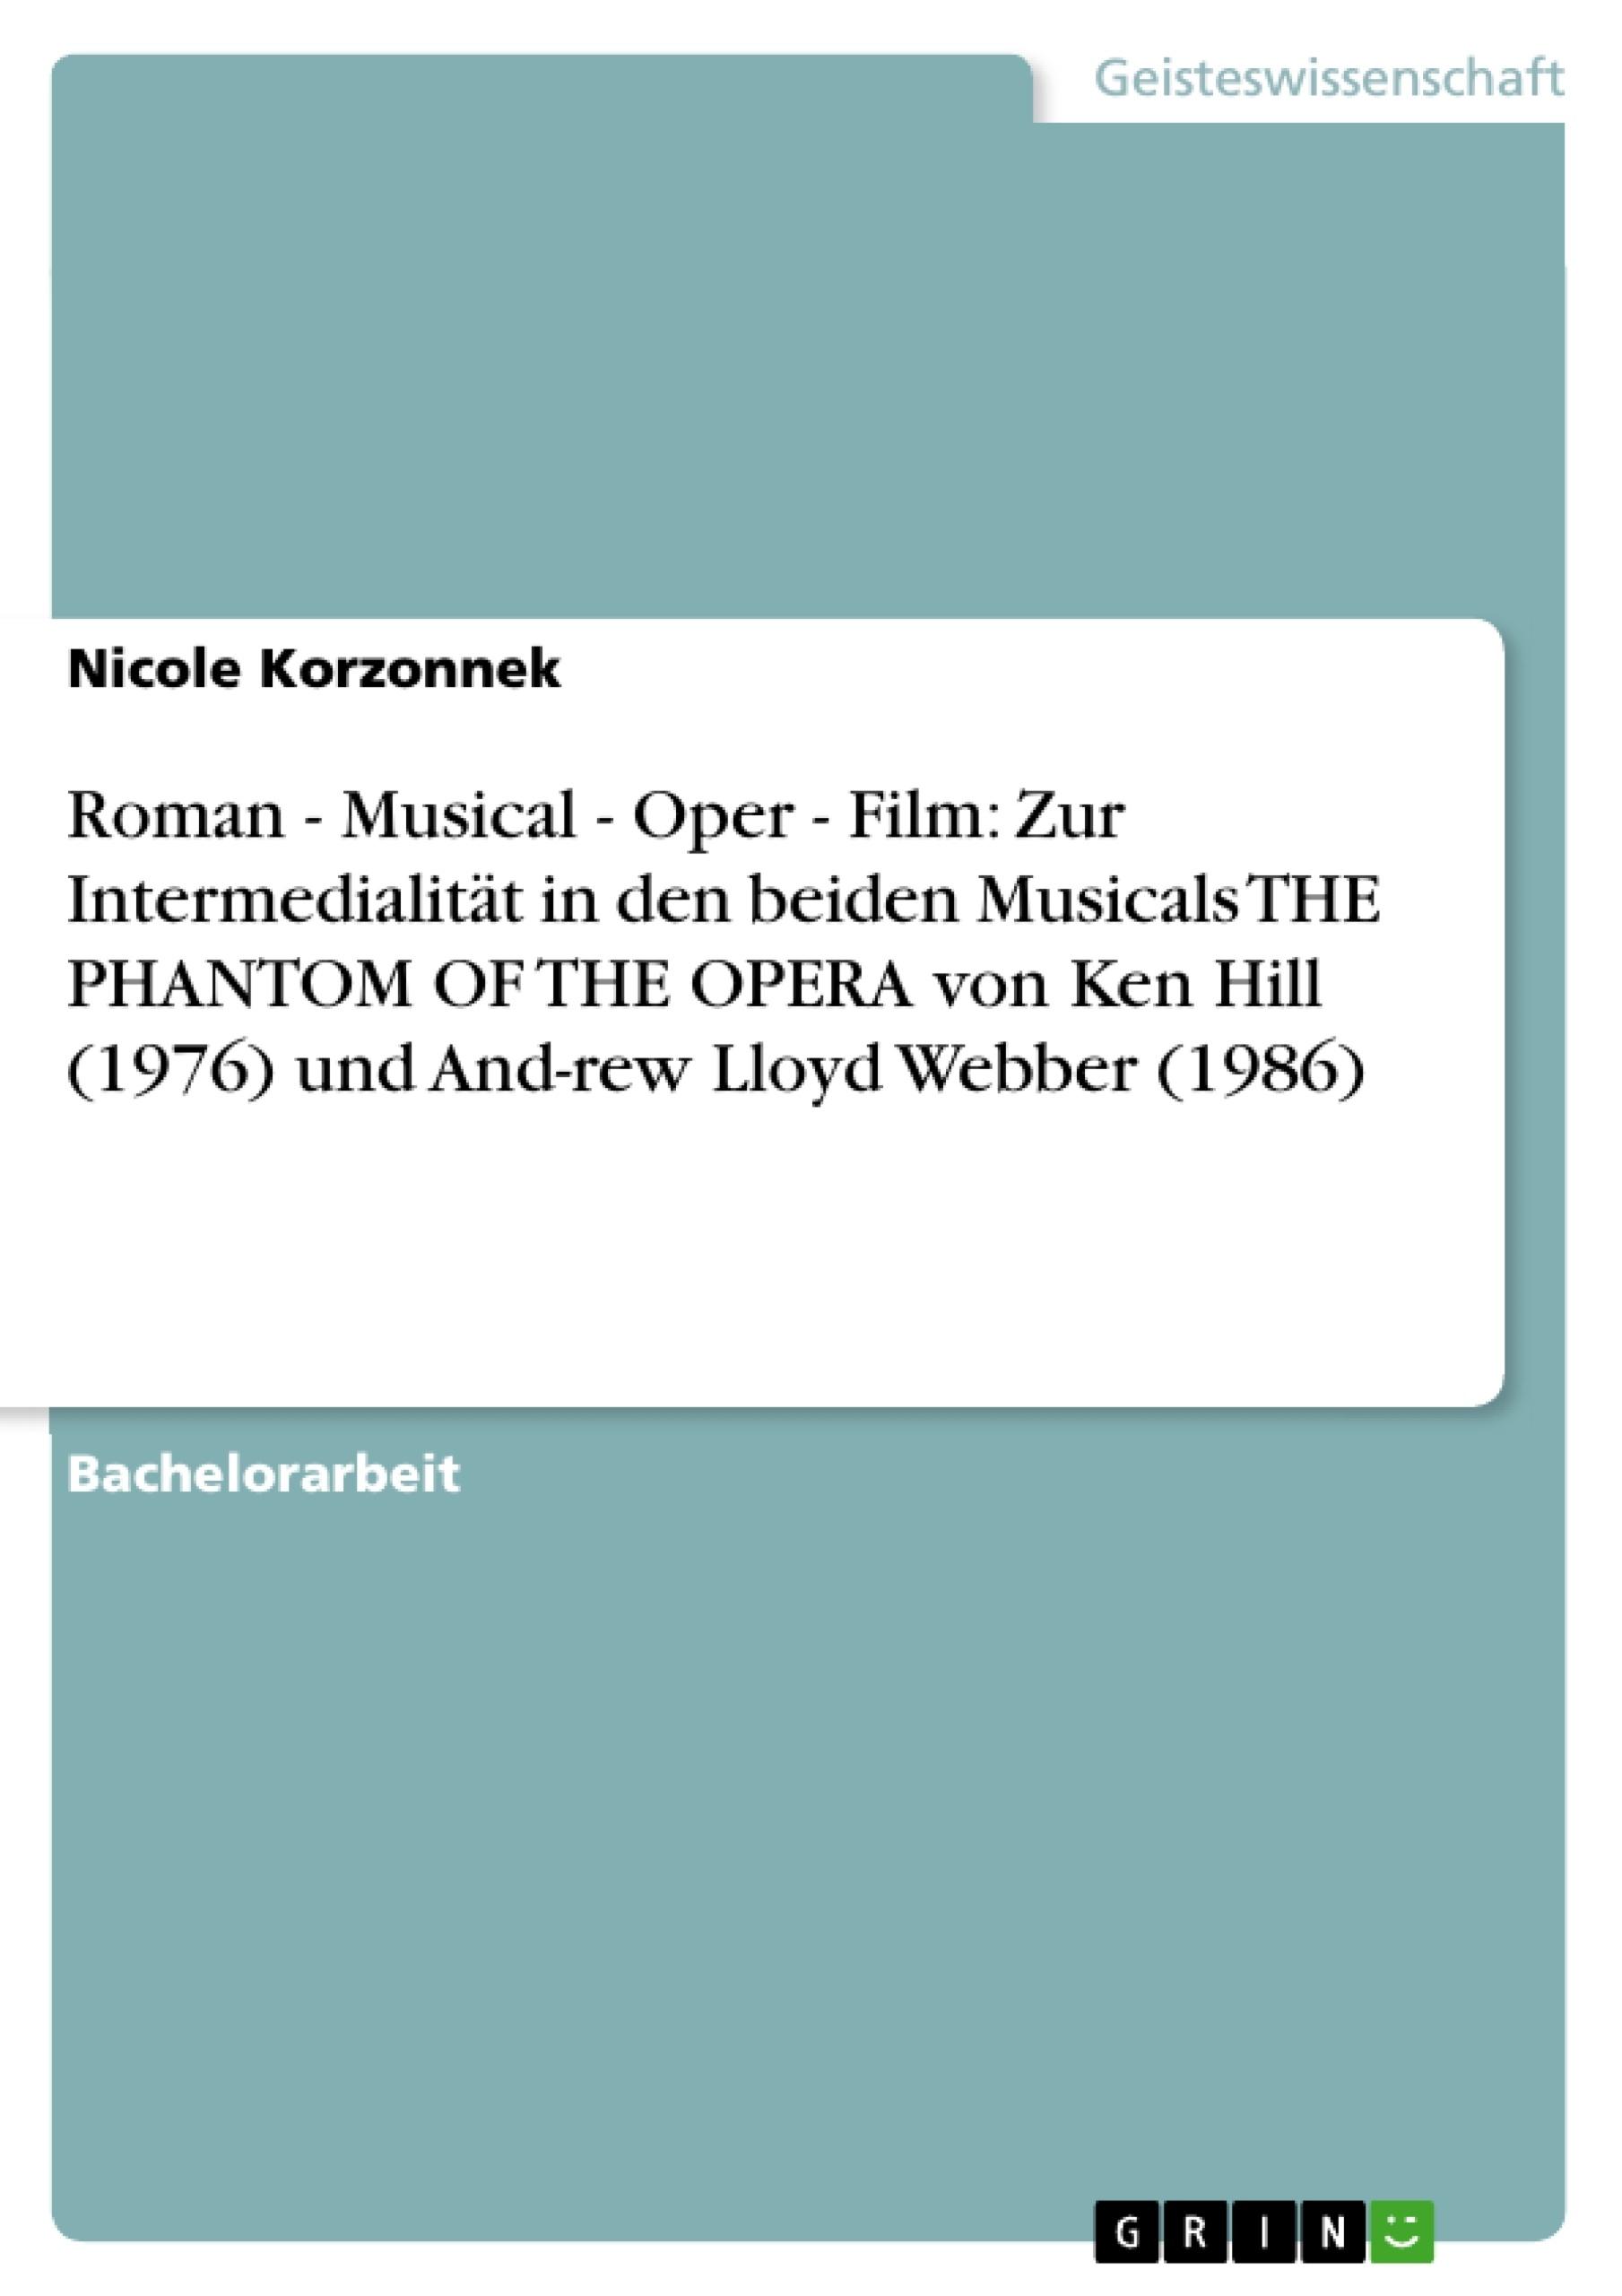 Titel: Roman - Musical - Oper - Film: Zur Intermedialität in den beiden Musicals THE PHANTOM OF THE OPERA von Ken Hill (1976) und And-rew Lloyd Webber (1986)